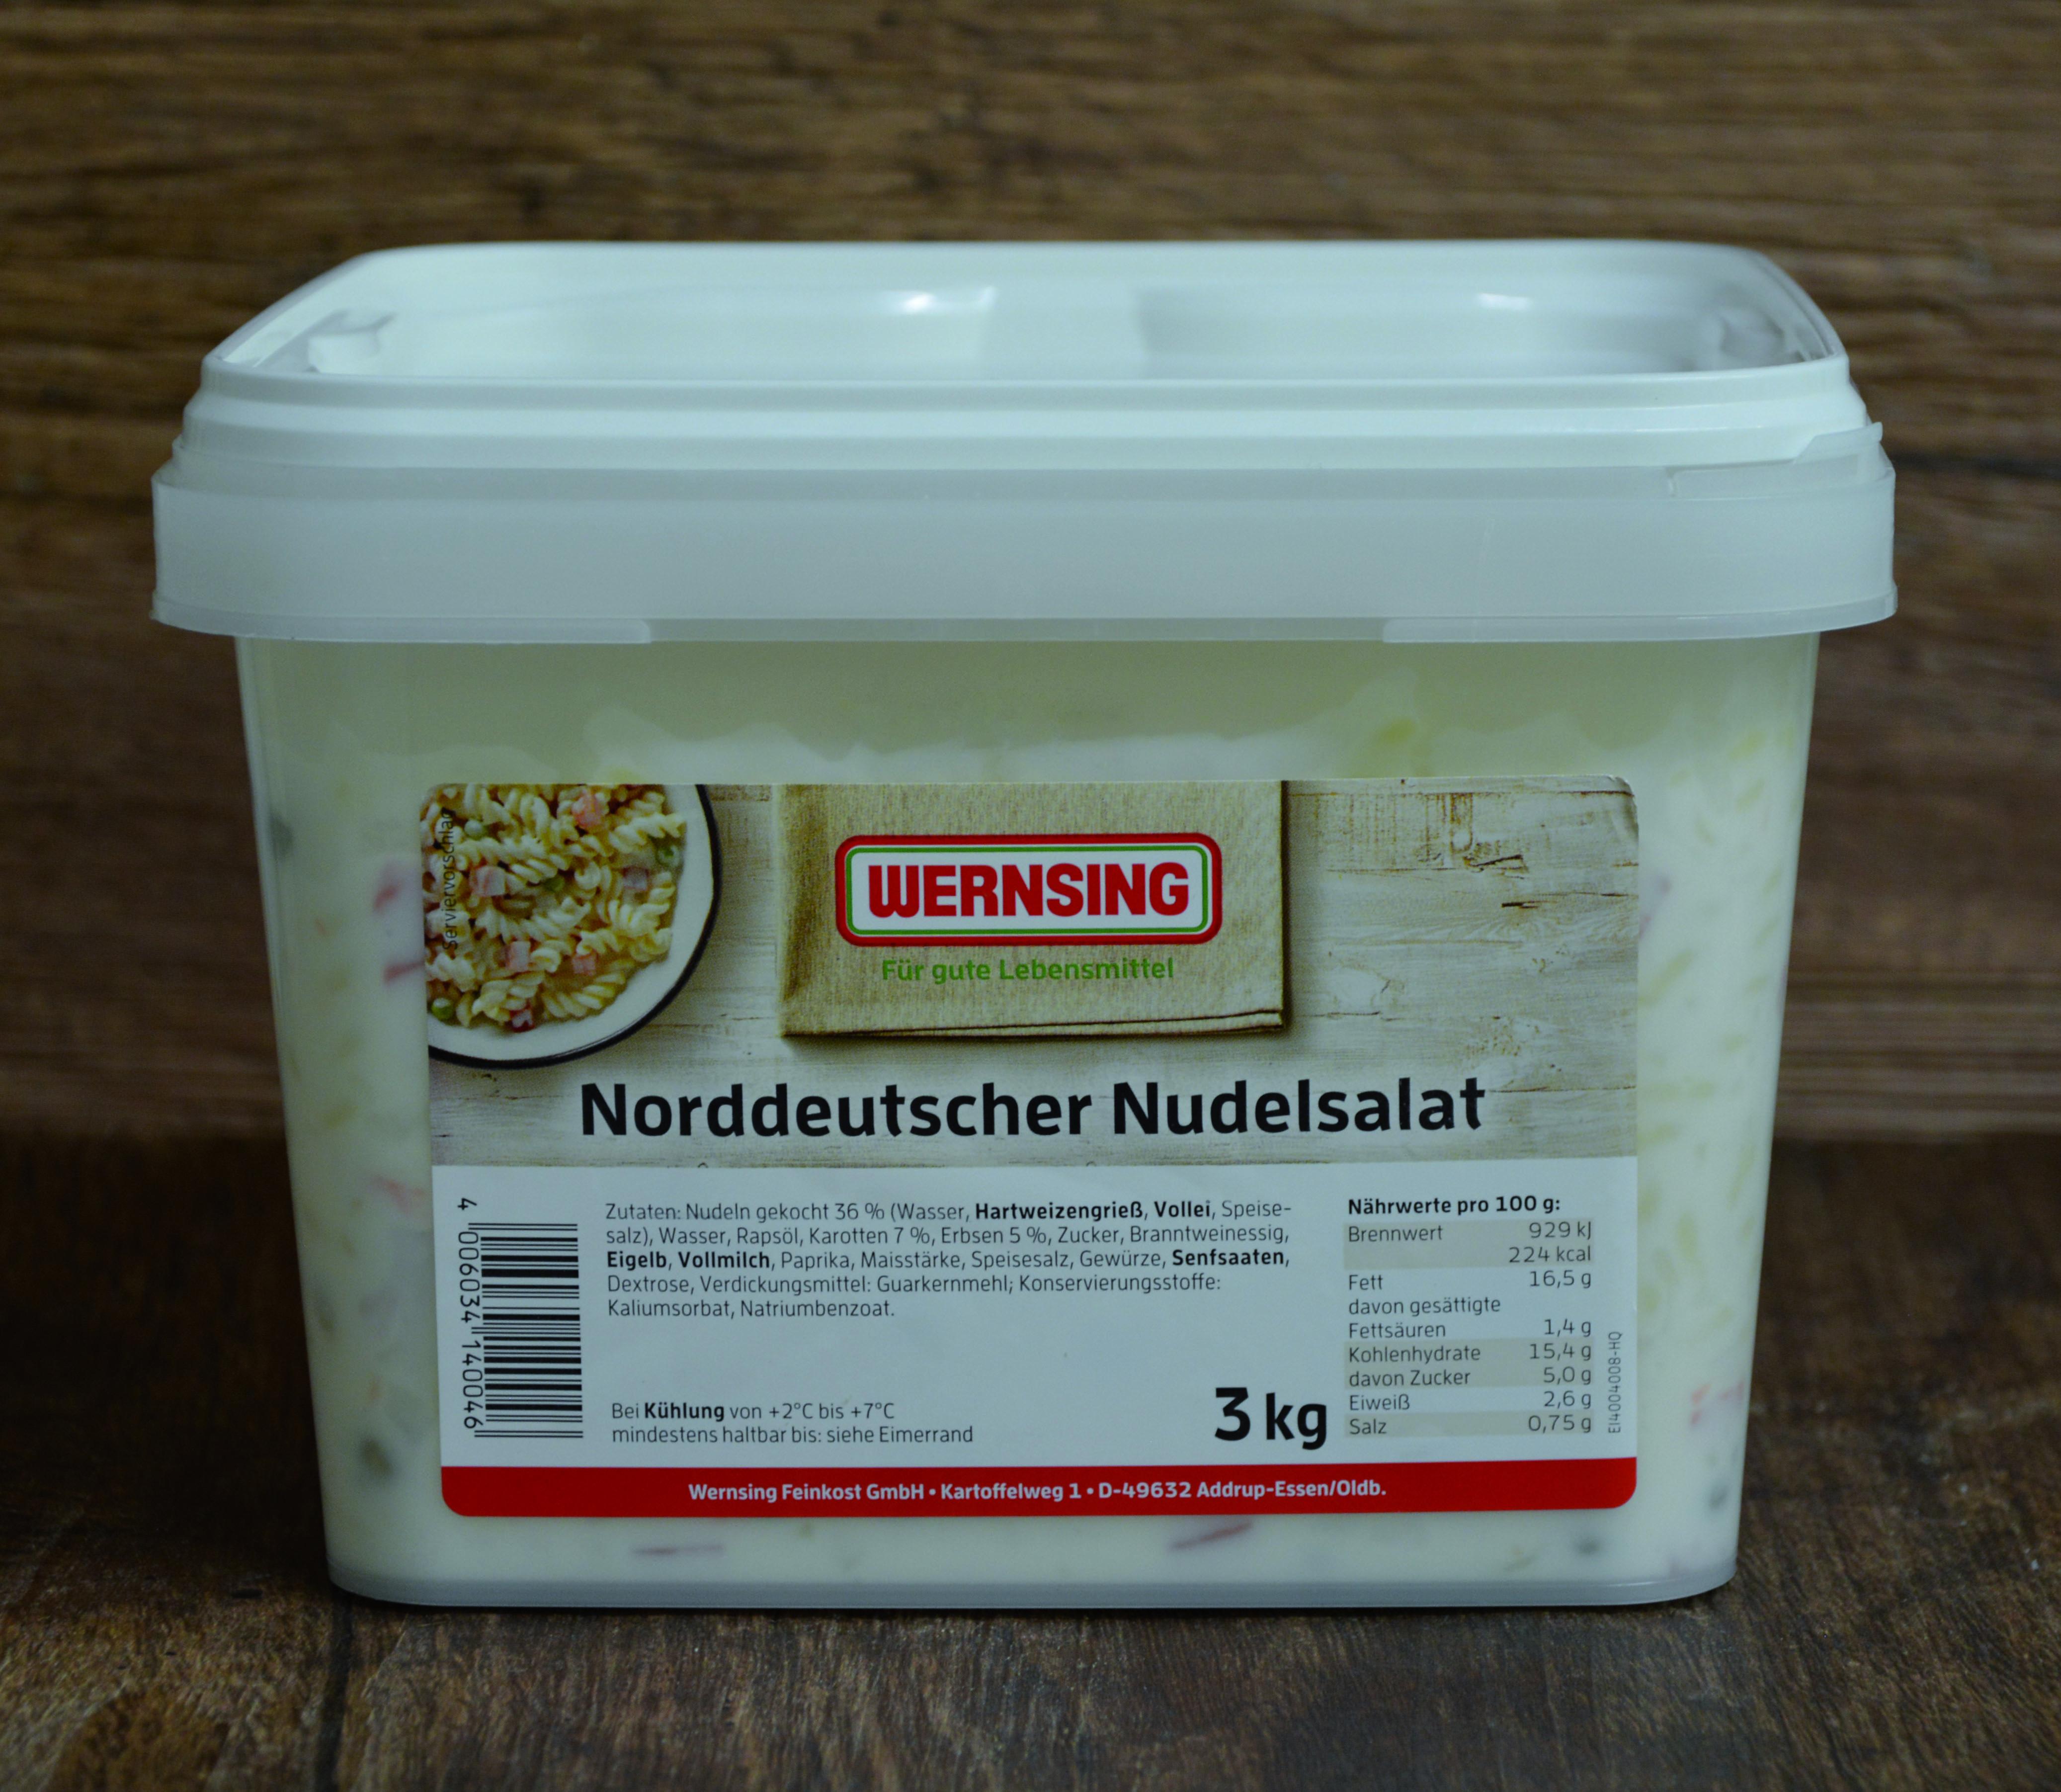 Wernsing Nudelsalat Norddeutscher Art 3000 g